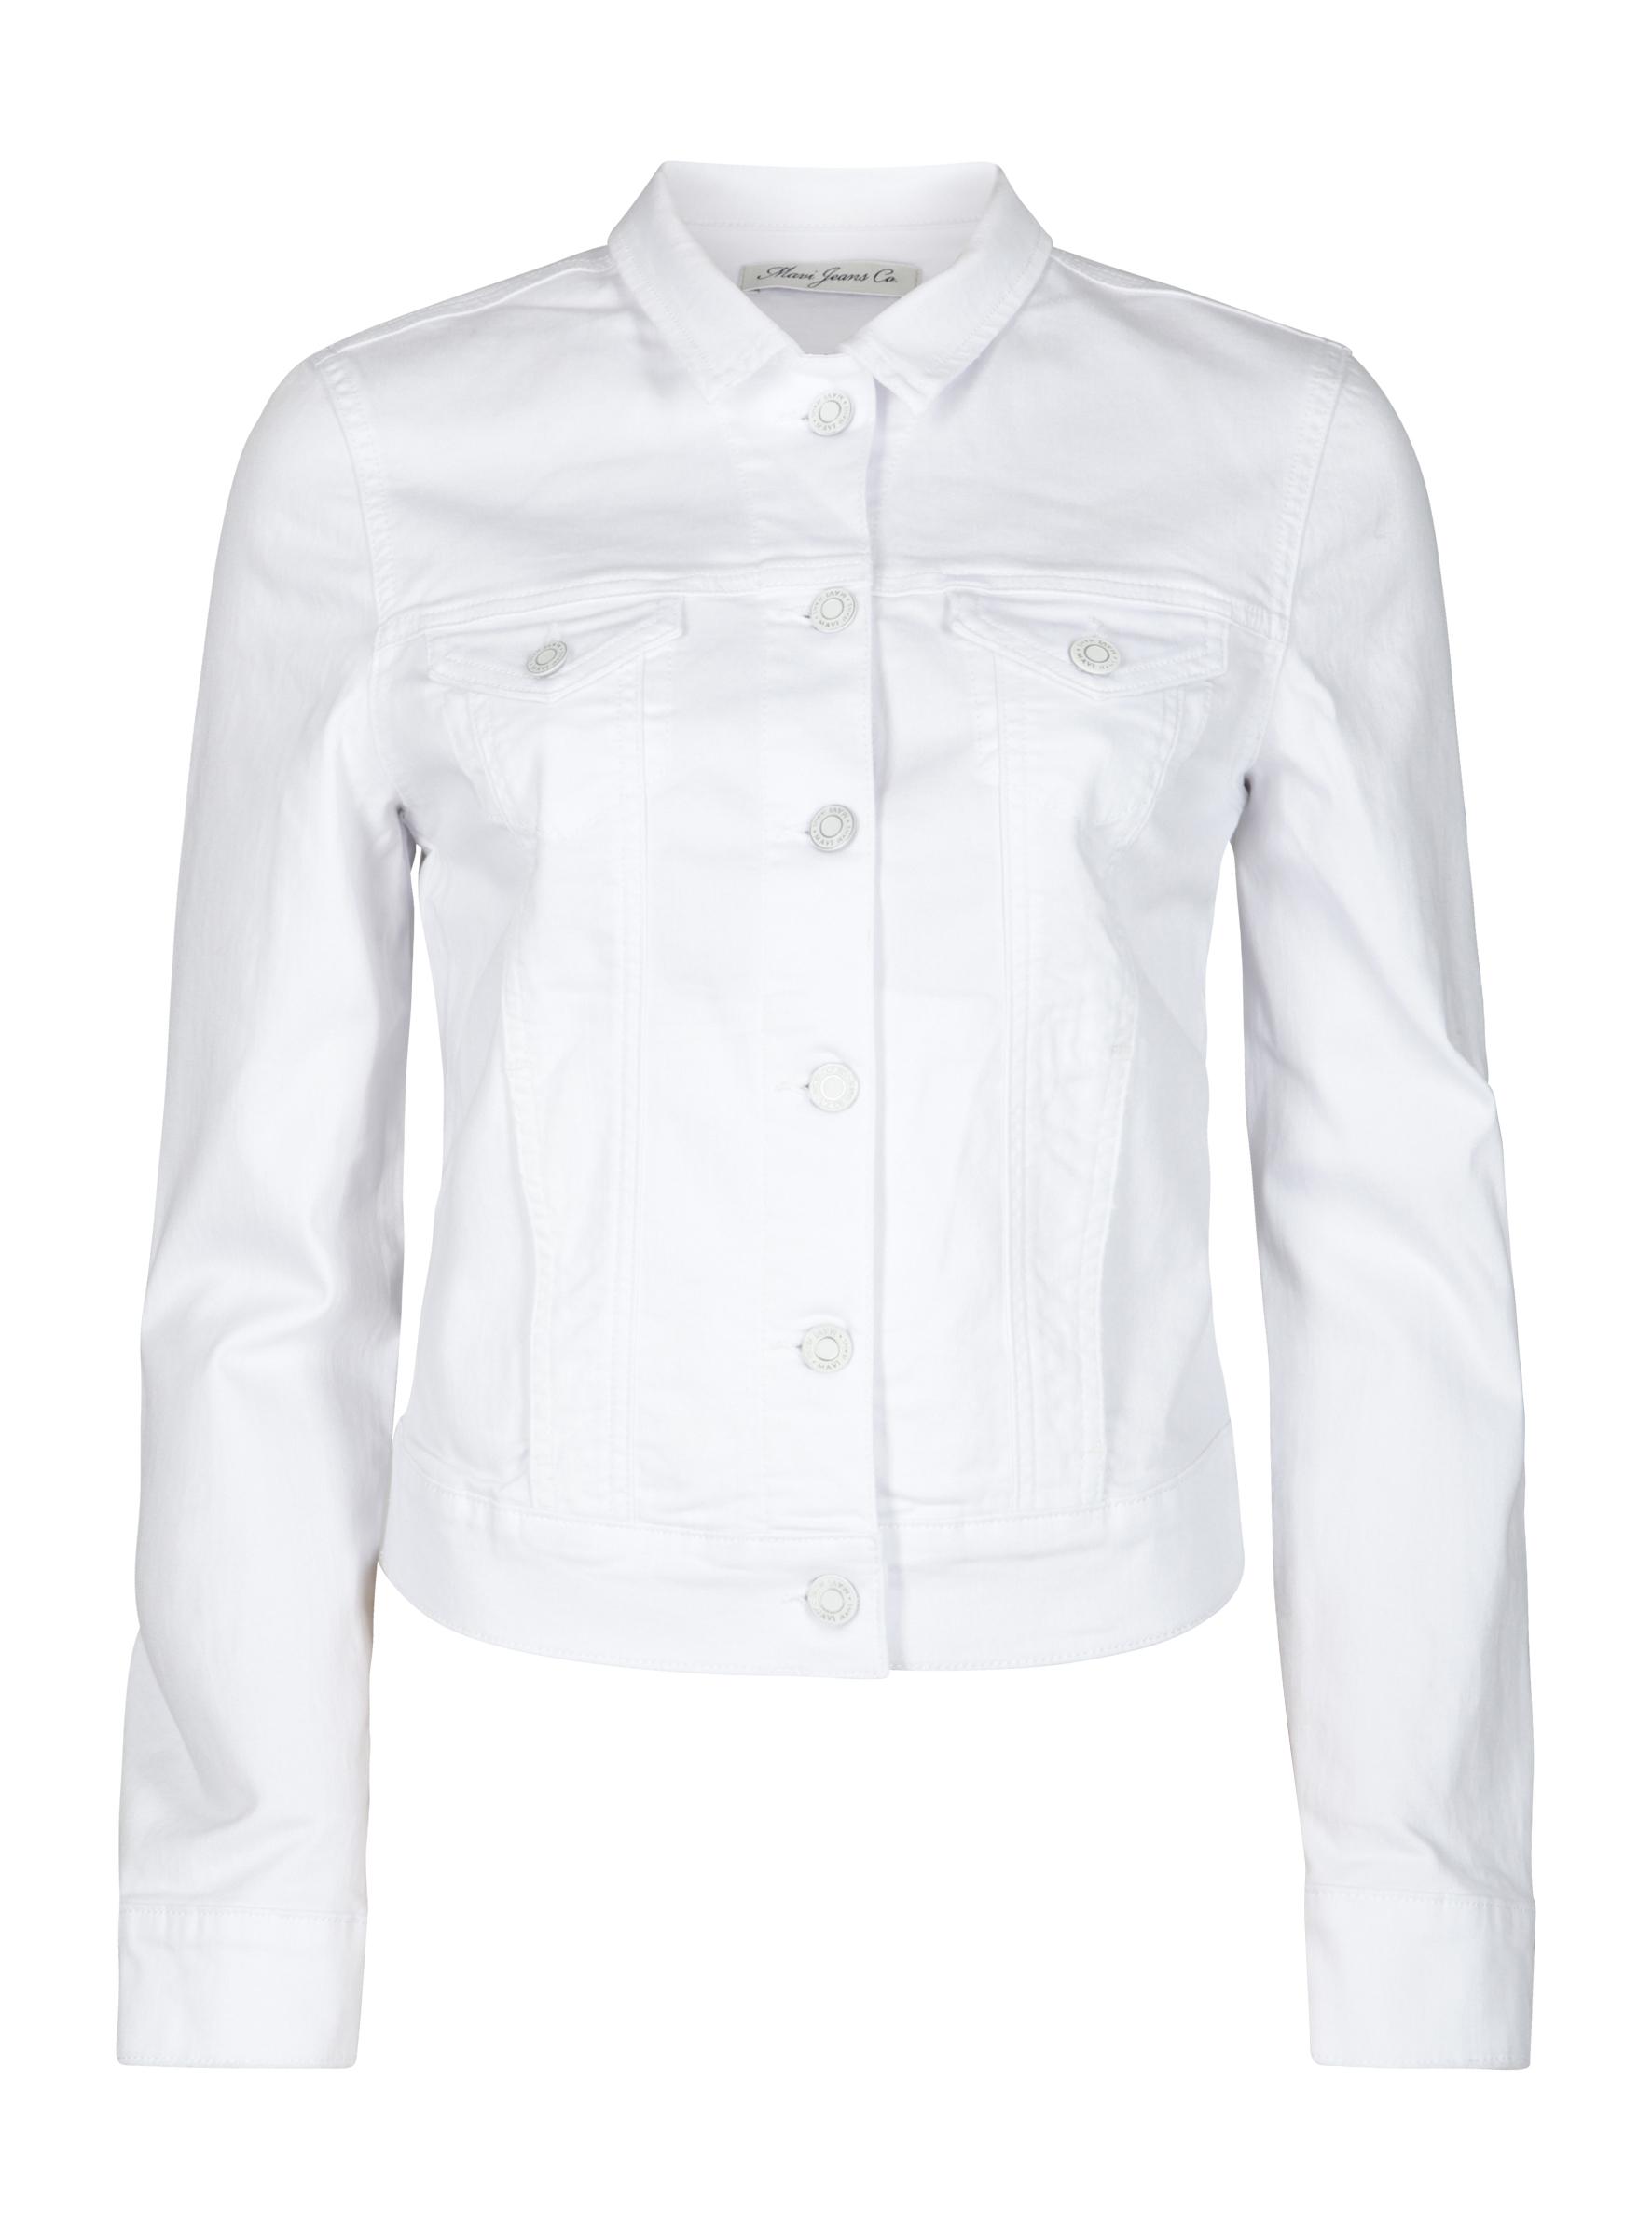 Trendige Jeansjacke Charlize in weiß bei Mavi Jeans